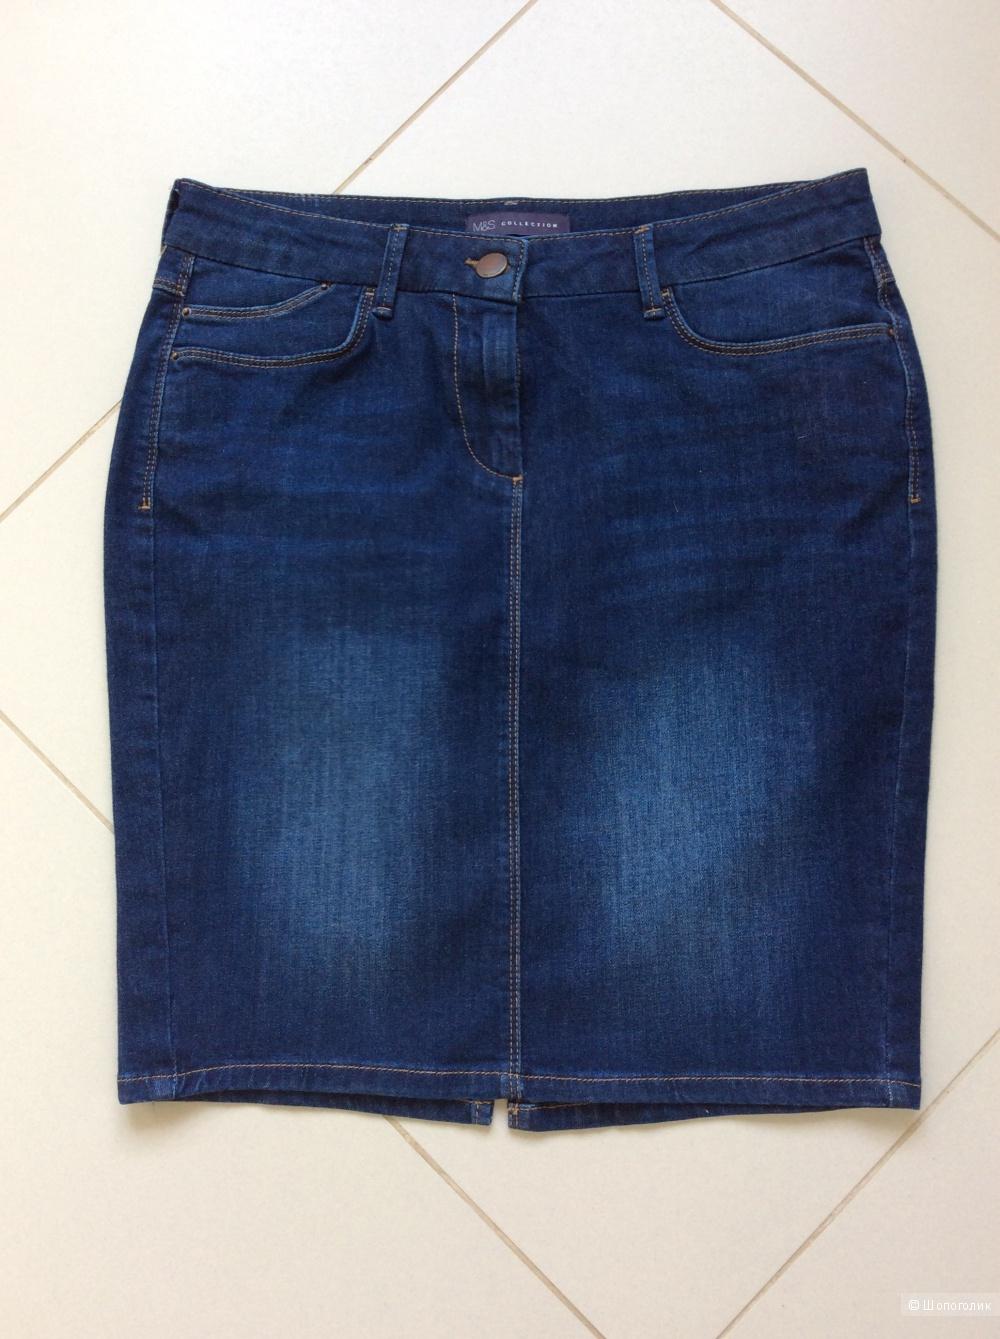 Джинсовая юбка M&S UK12